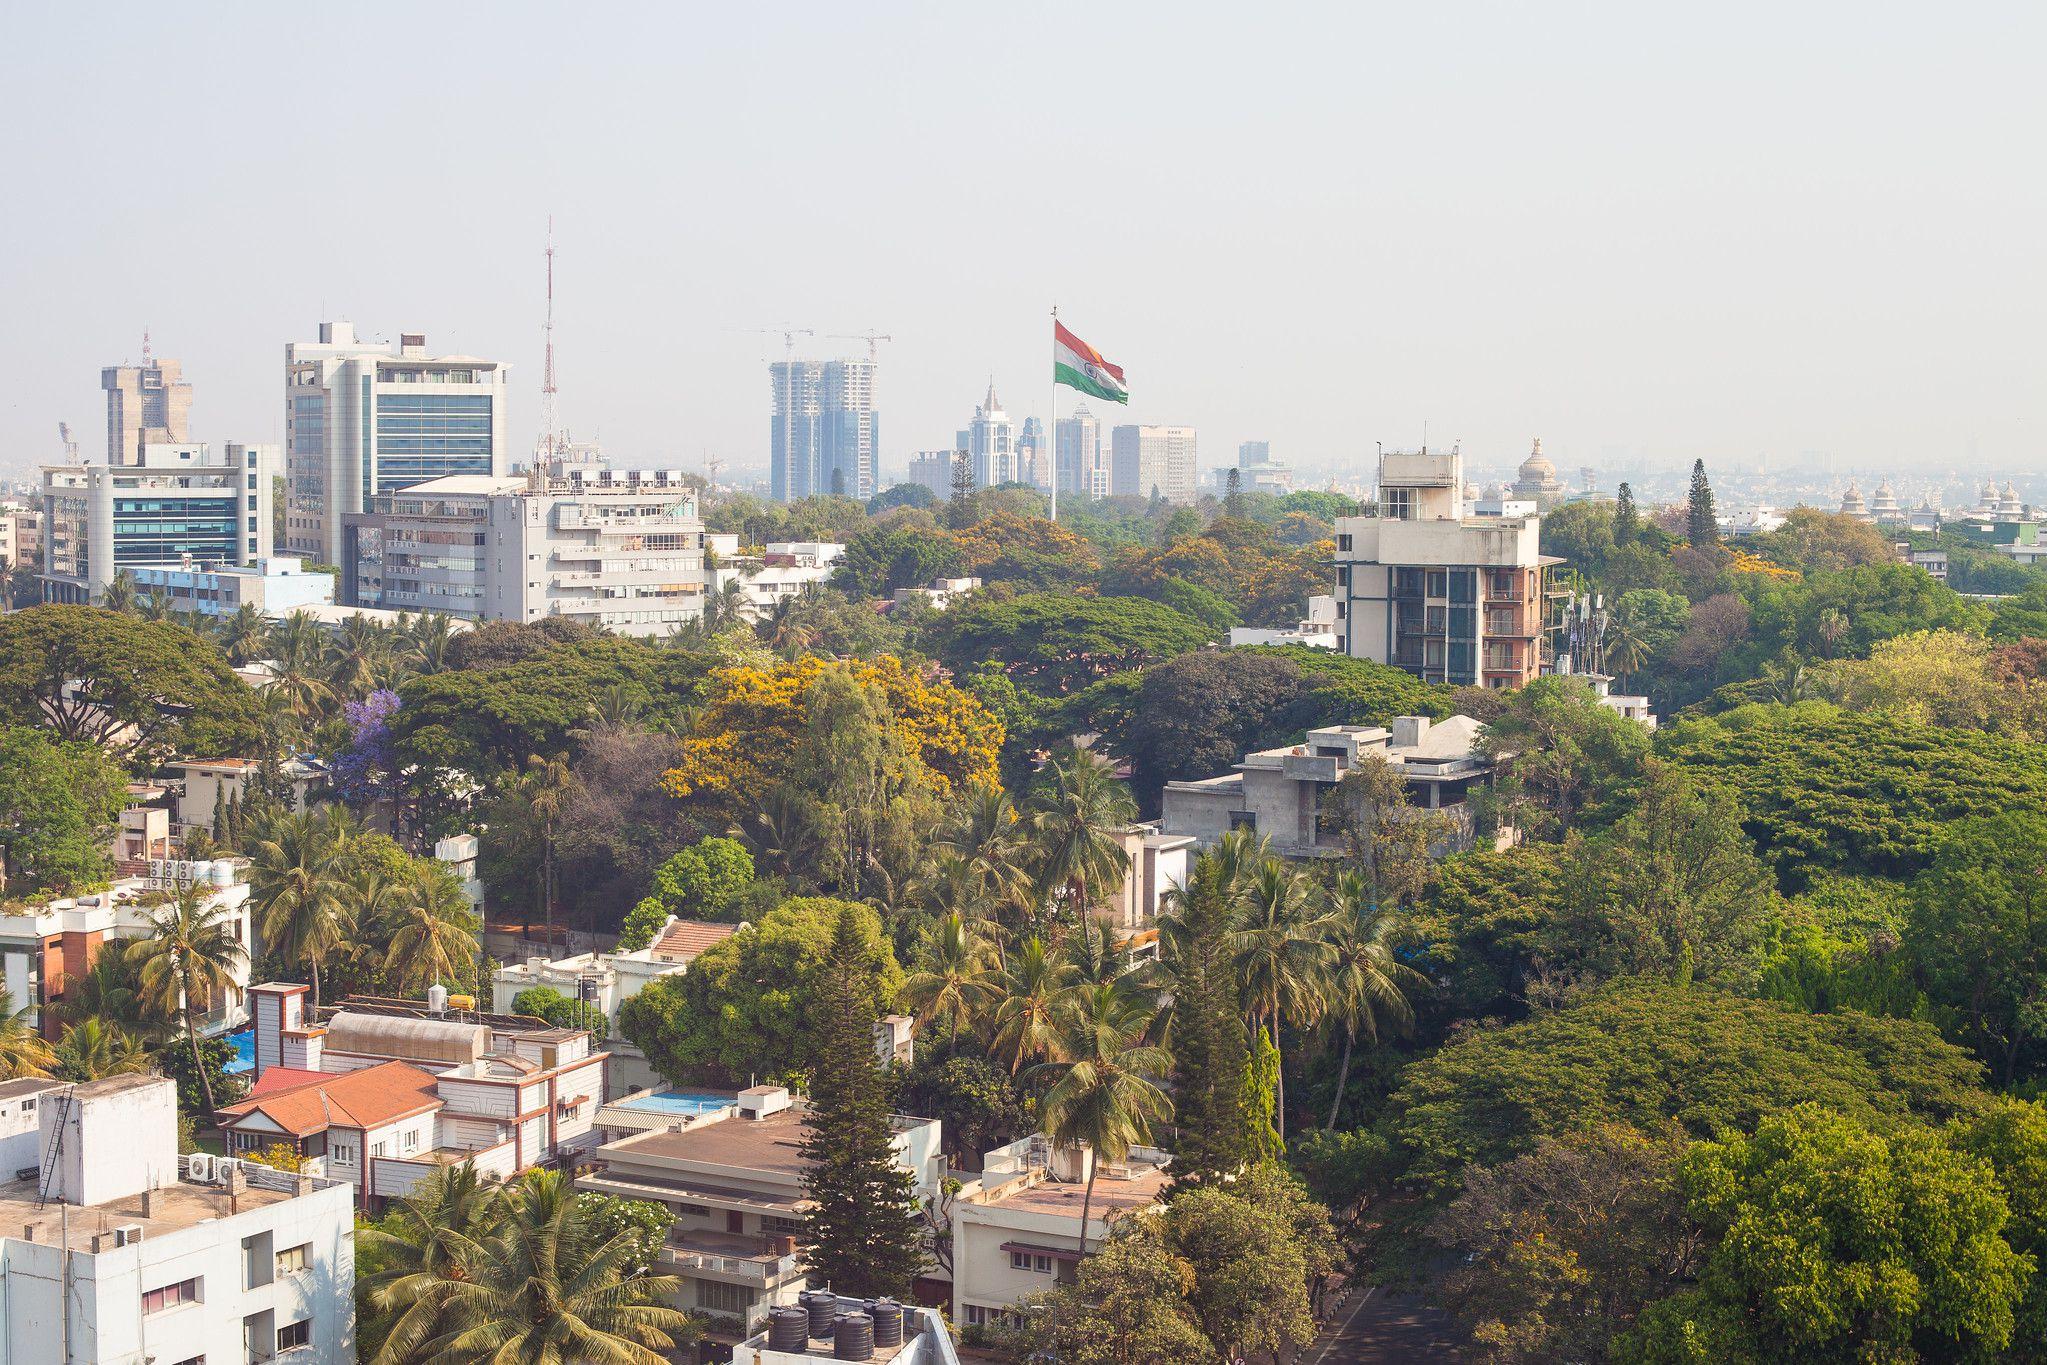 La ville de Bangalore en Inde.